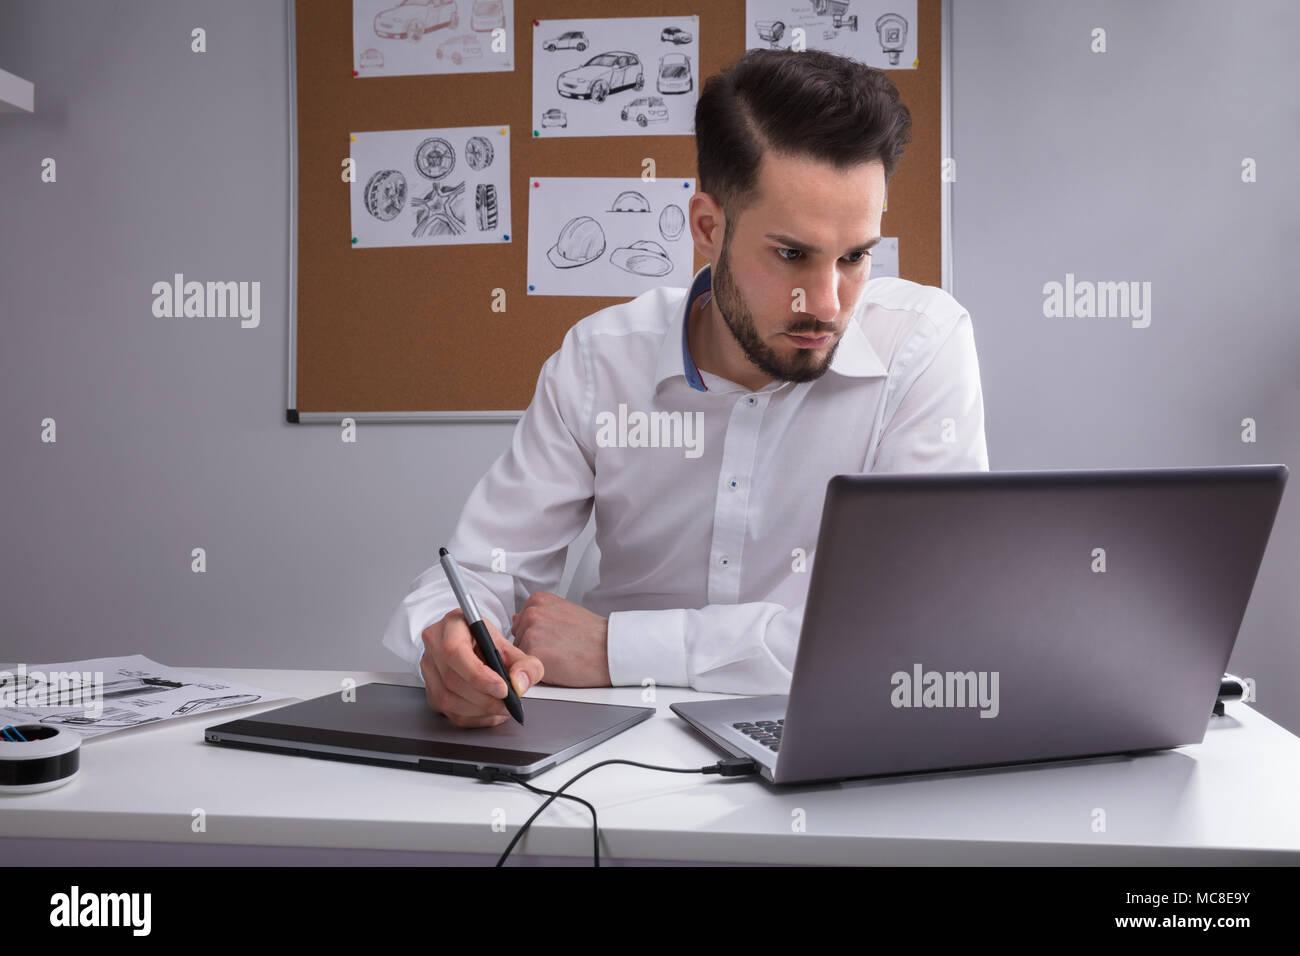 Männliche Designer über Grafik Tablett Arbeiten am Laptop Stockbild